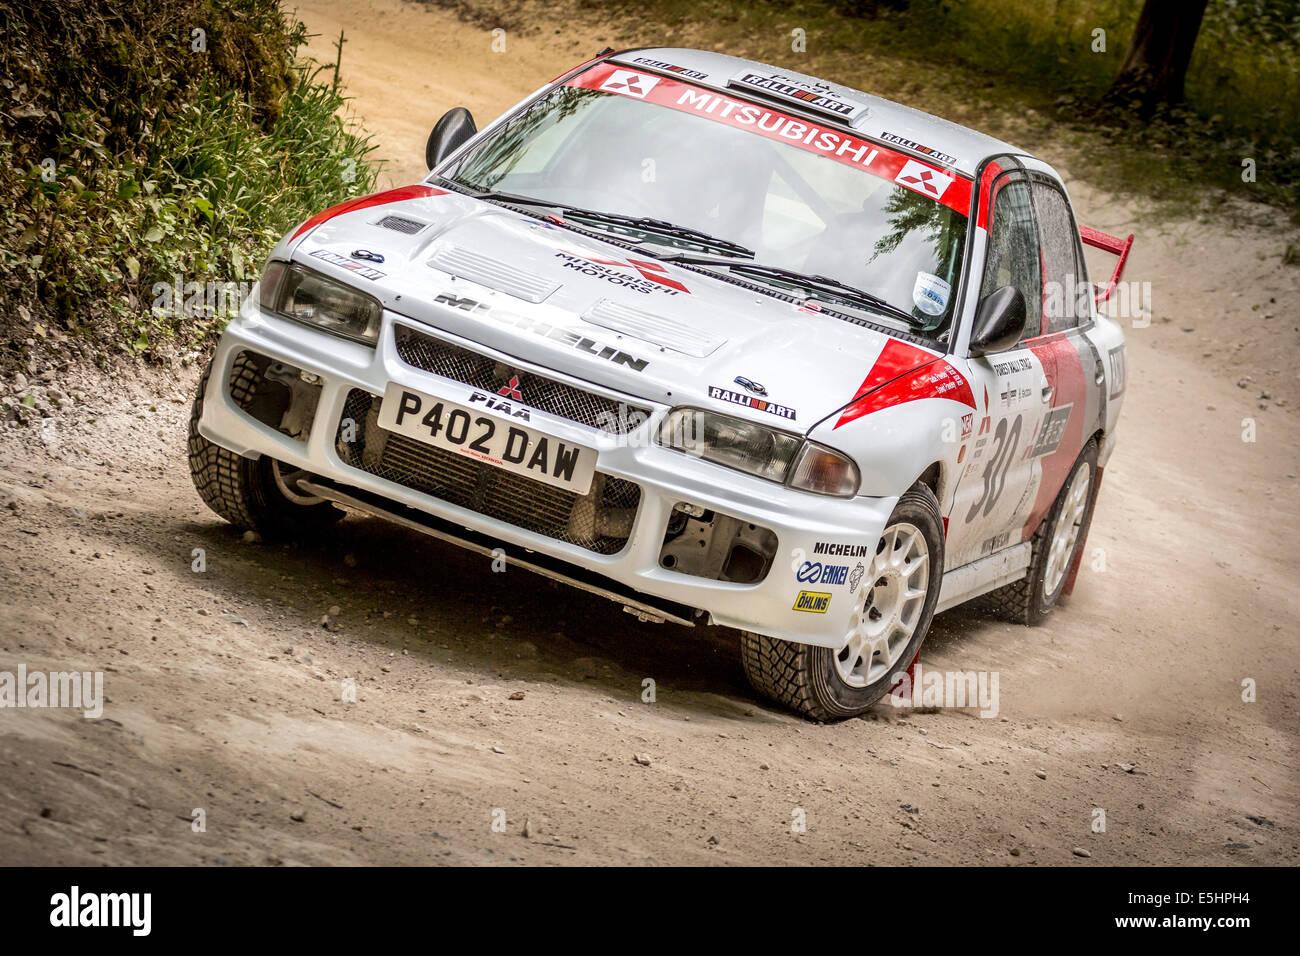 Mitsubishi Evo Rally Car Stock Photos Mitsubishi Evo Rally Car